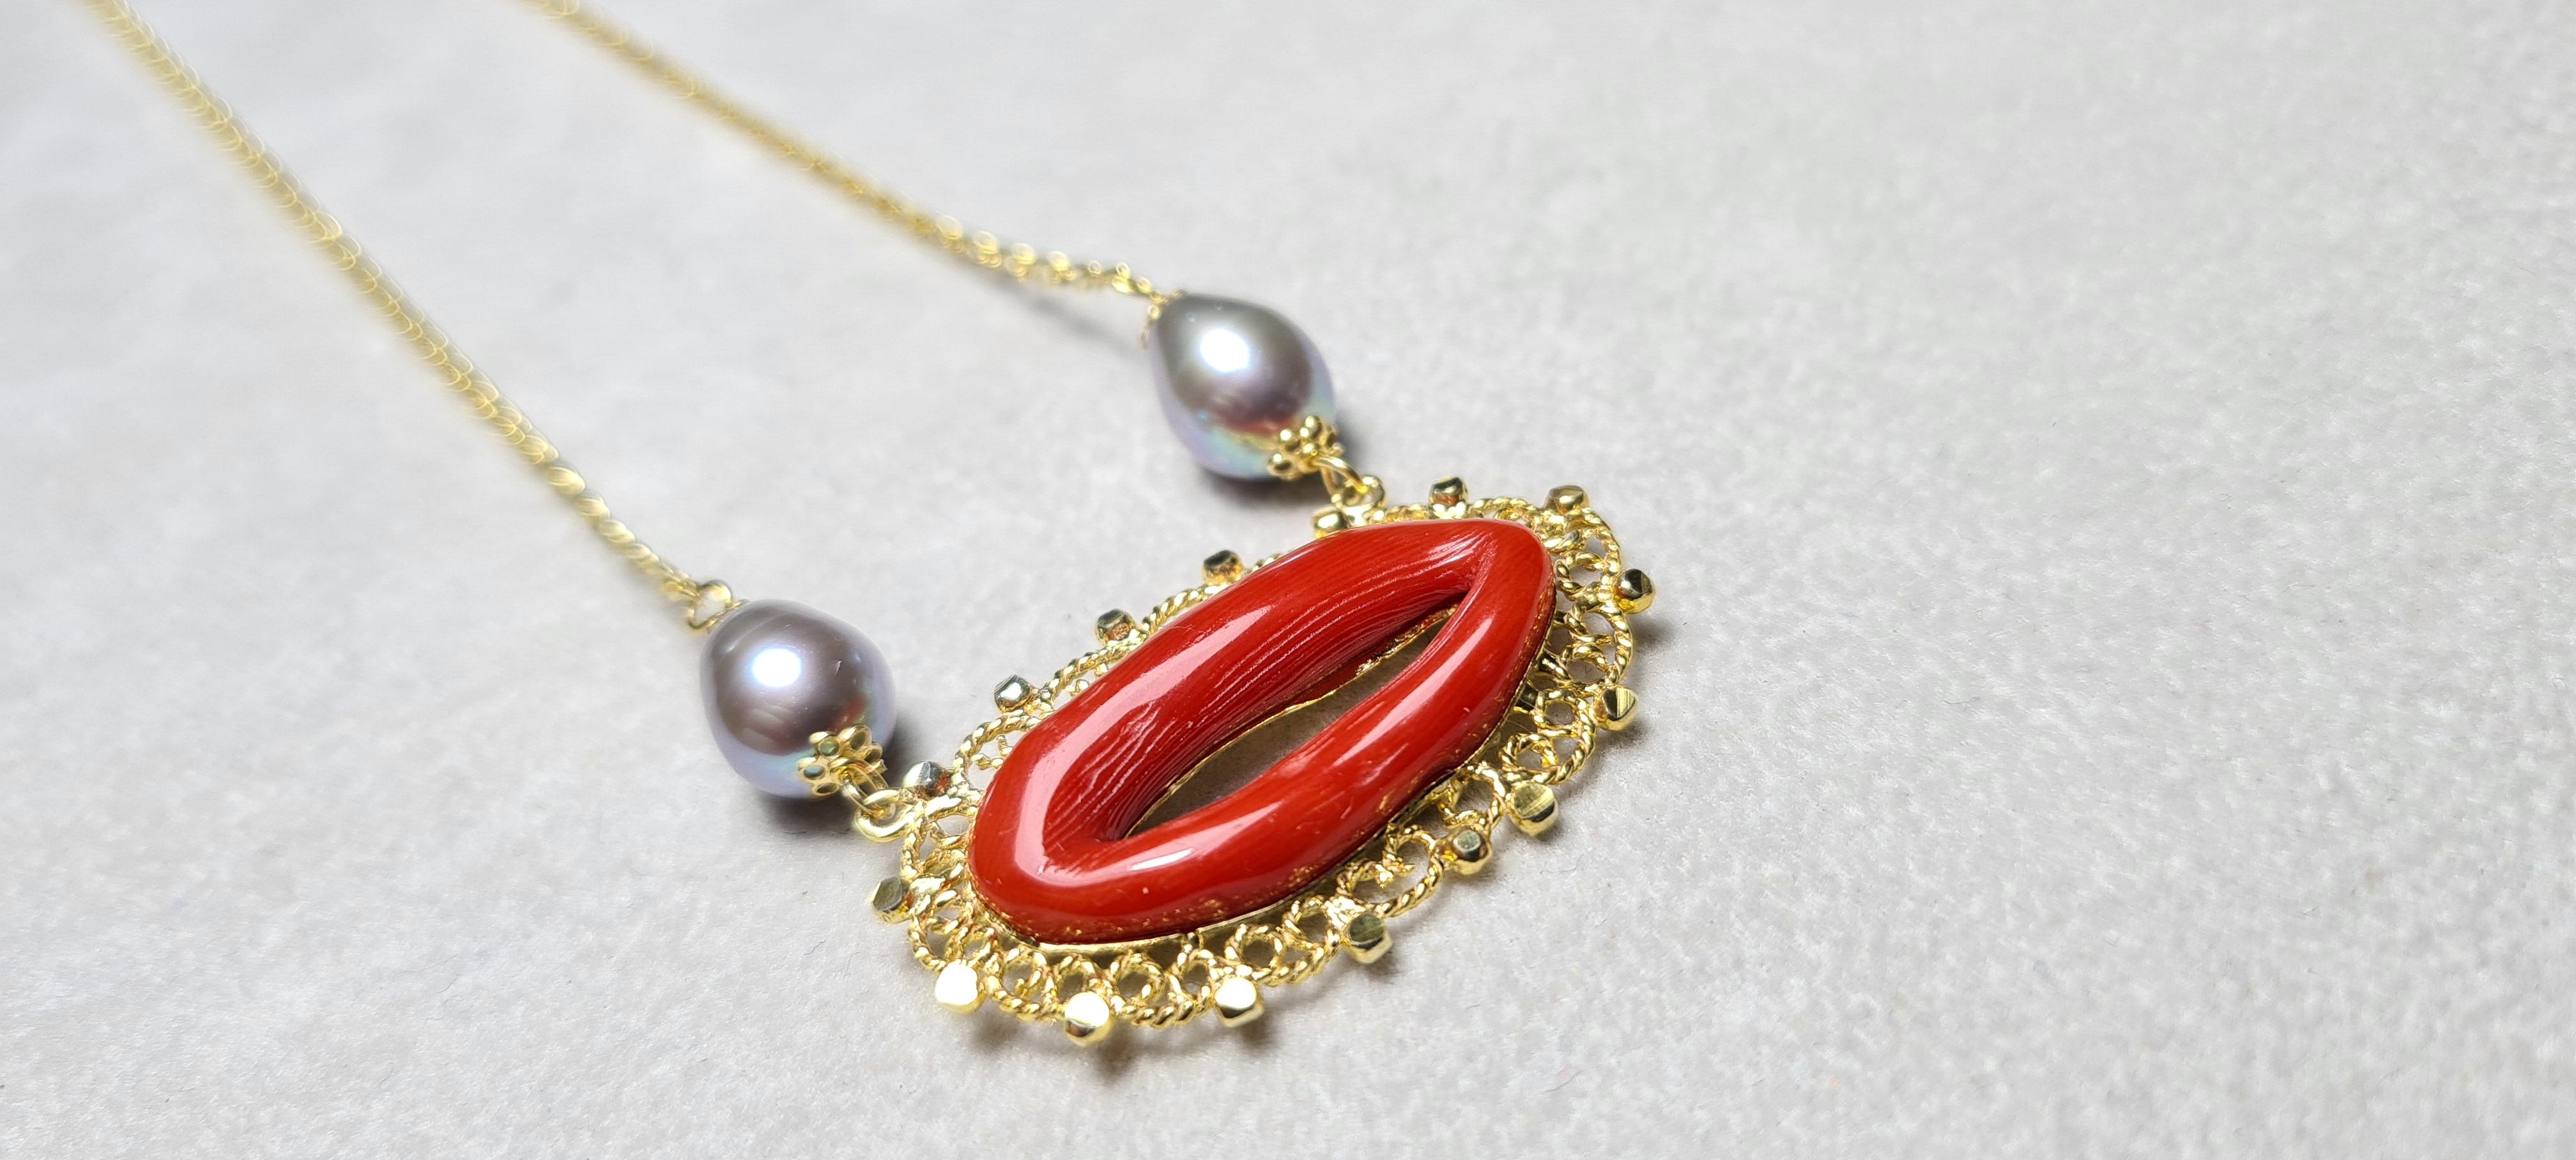 Coll perle coral silver